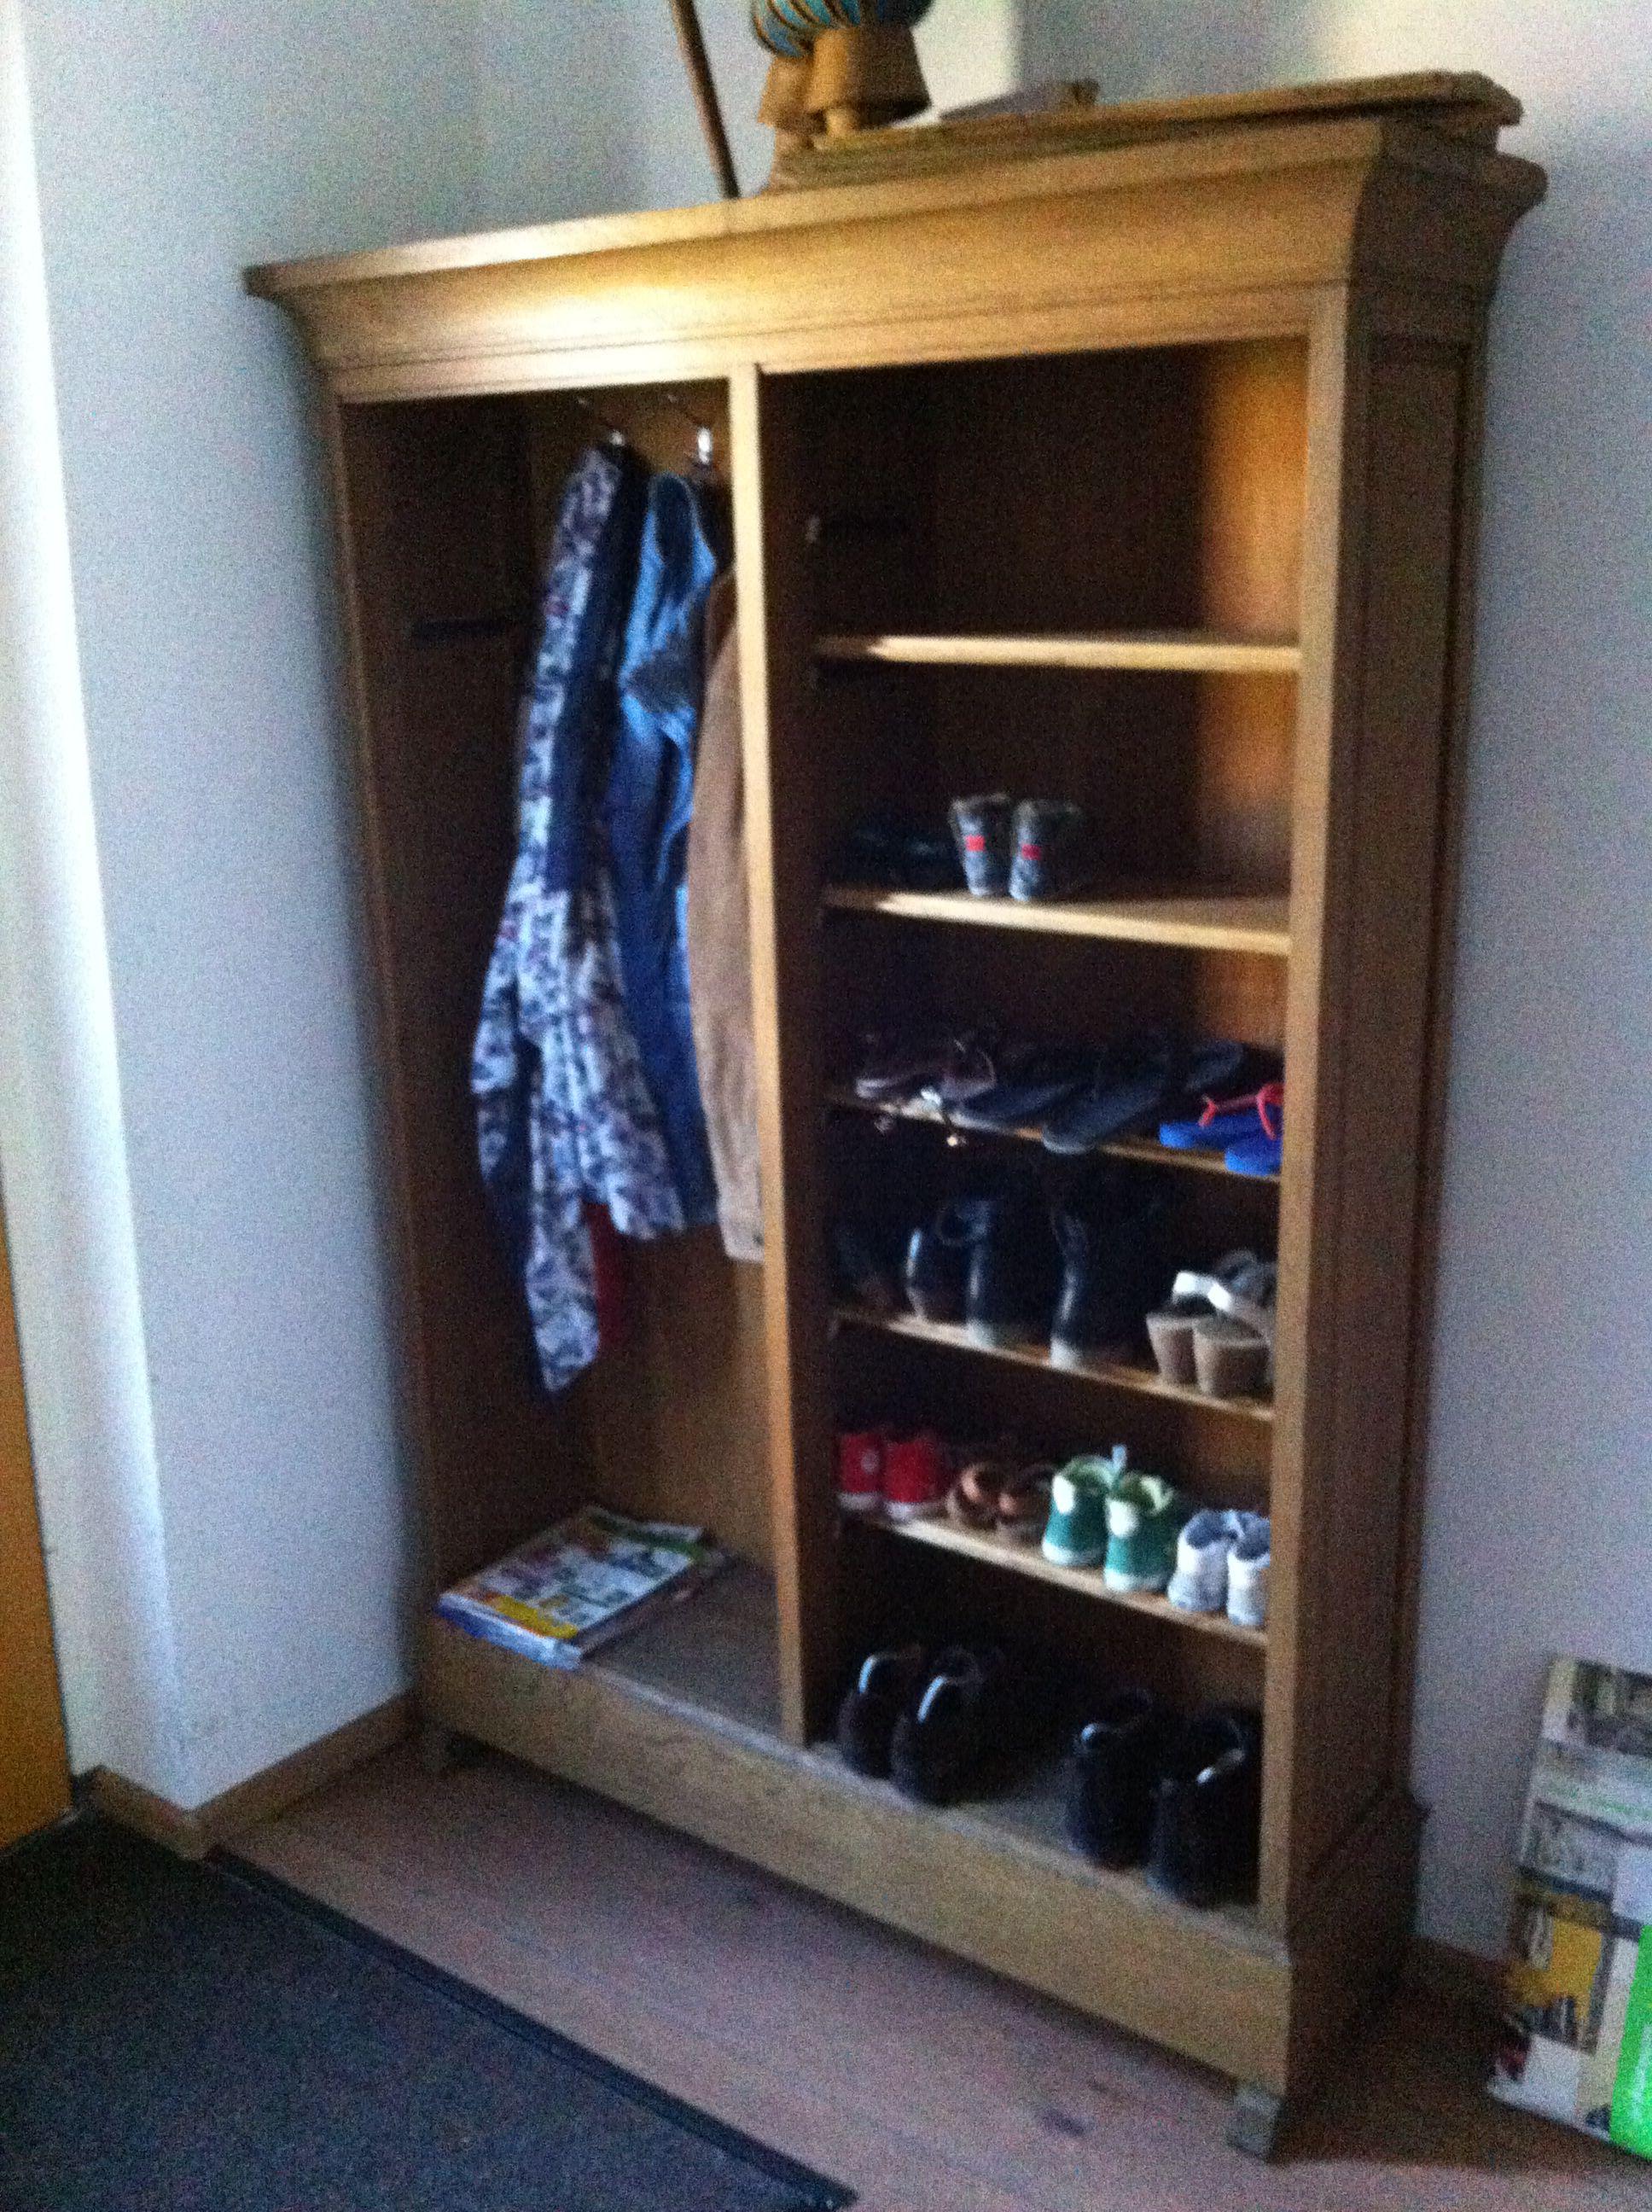 kapstok en schoenenkast gemaakt van een oude boekenkast | Kapstok ...